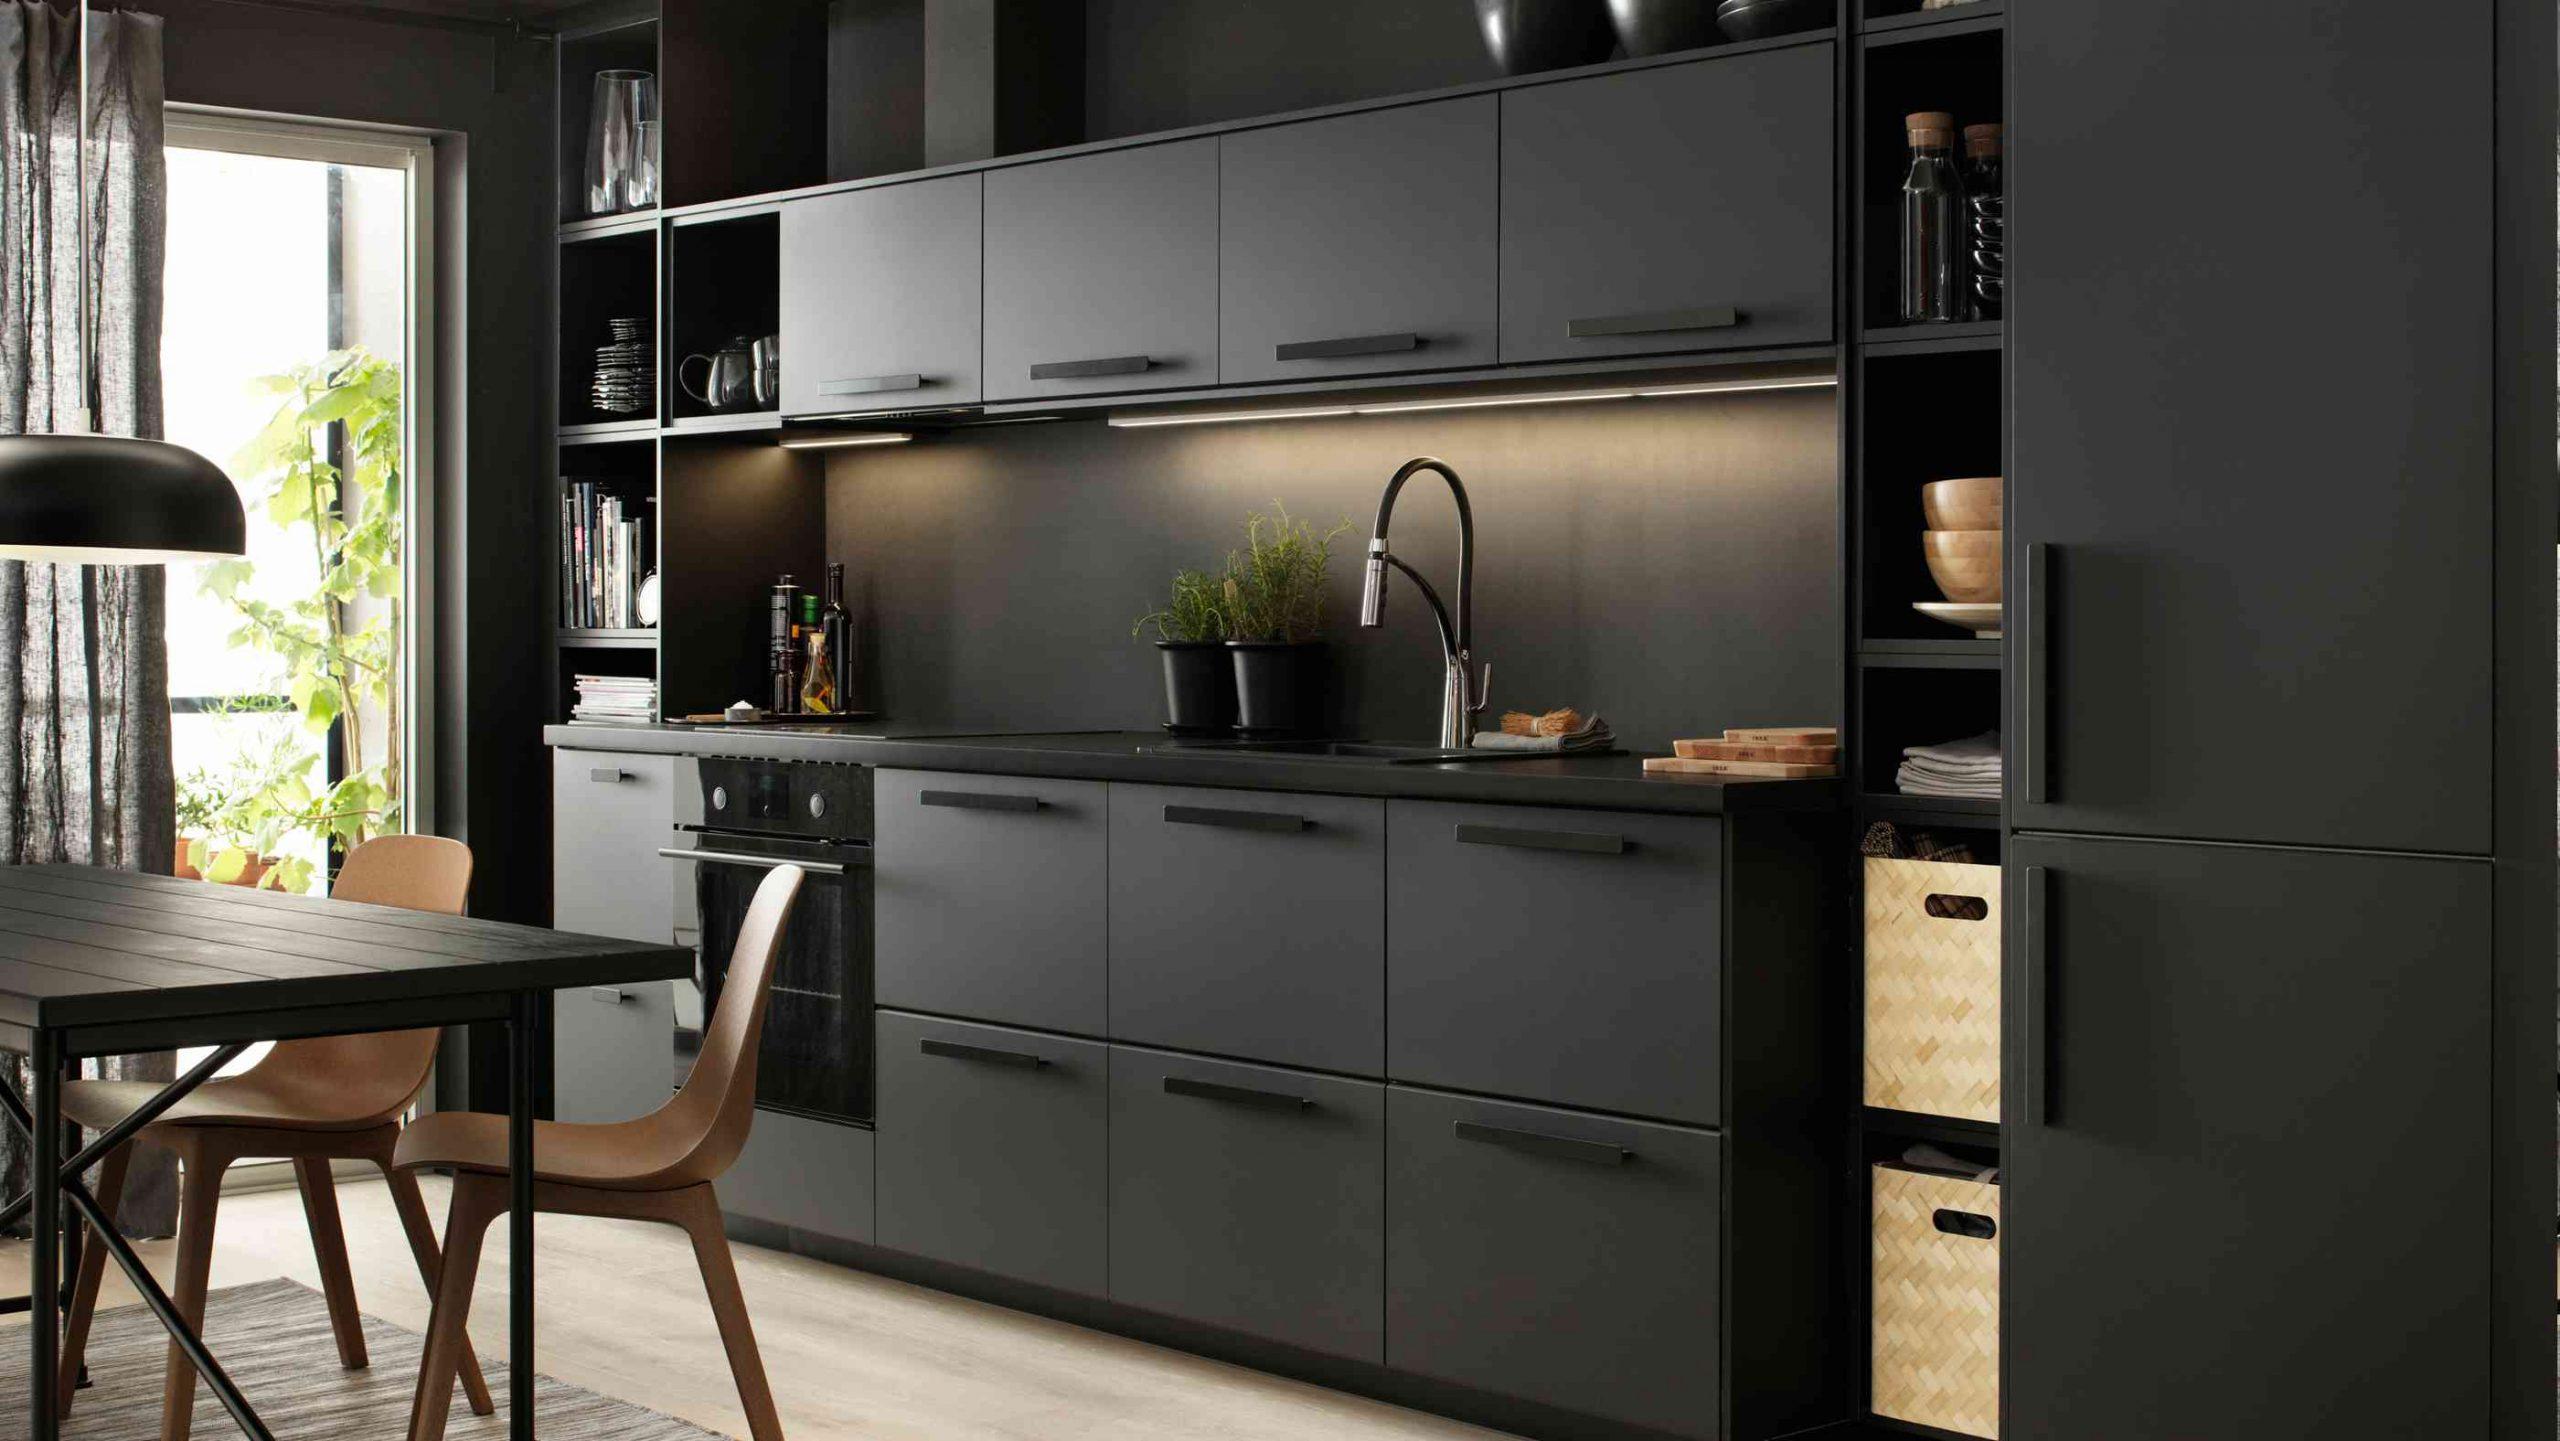 Full Size of Küche Planen Und Kaufen Mömax Küche Planen Ikea Küche Planen Kosten Dachschräge Küche Planen Küche Küche Planen